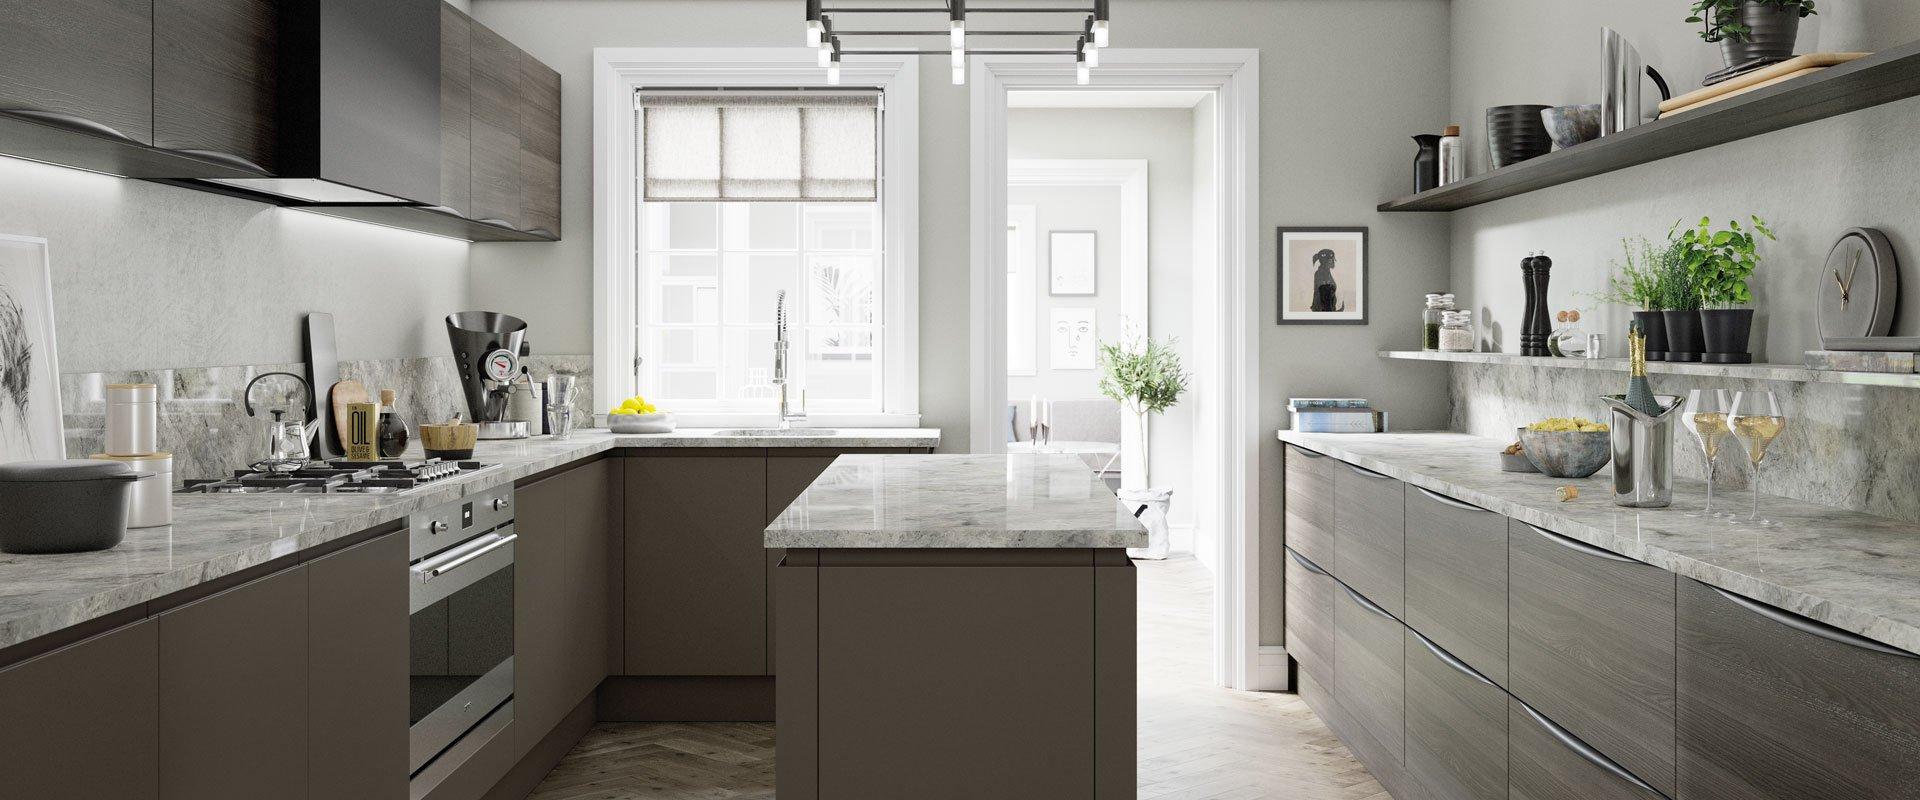 Kitchen Stori - Kitchen Ranges - Kitchen Design hertfordshire